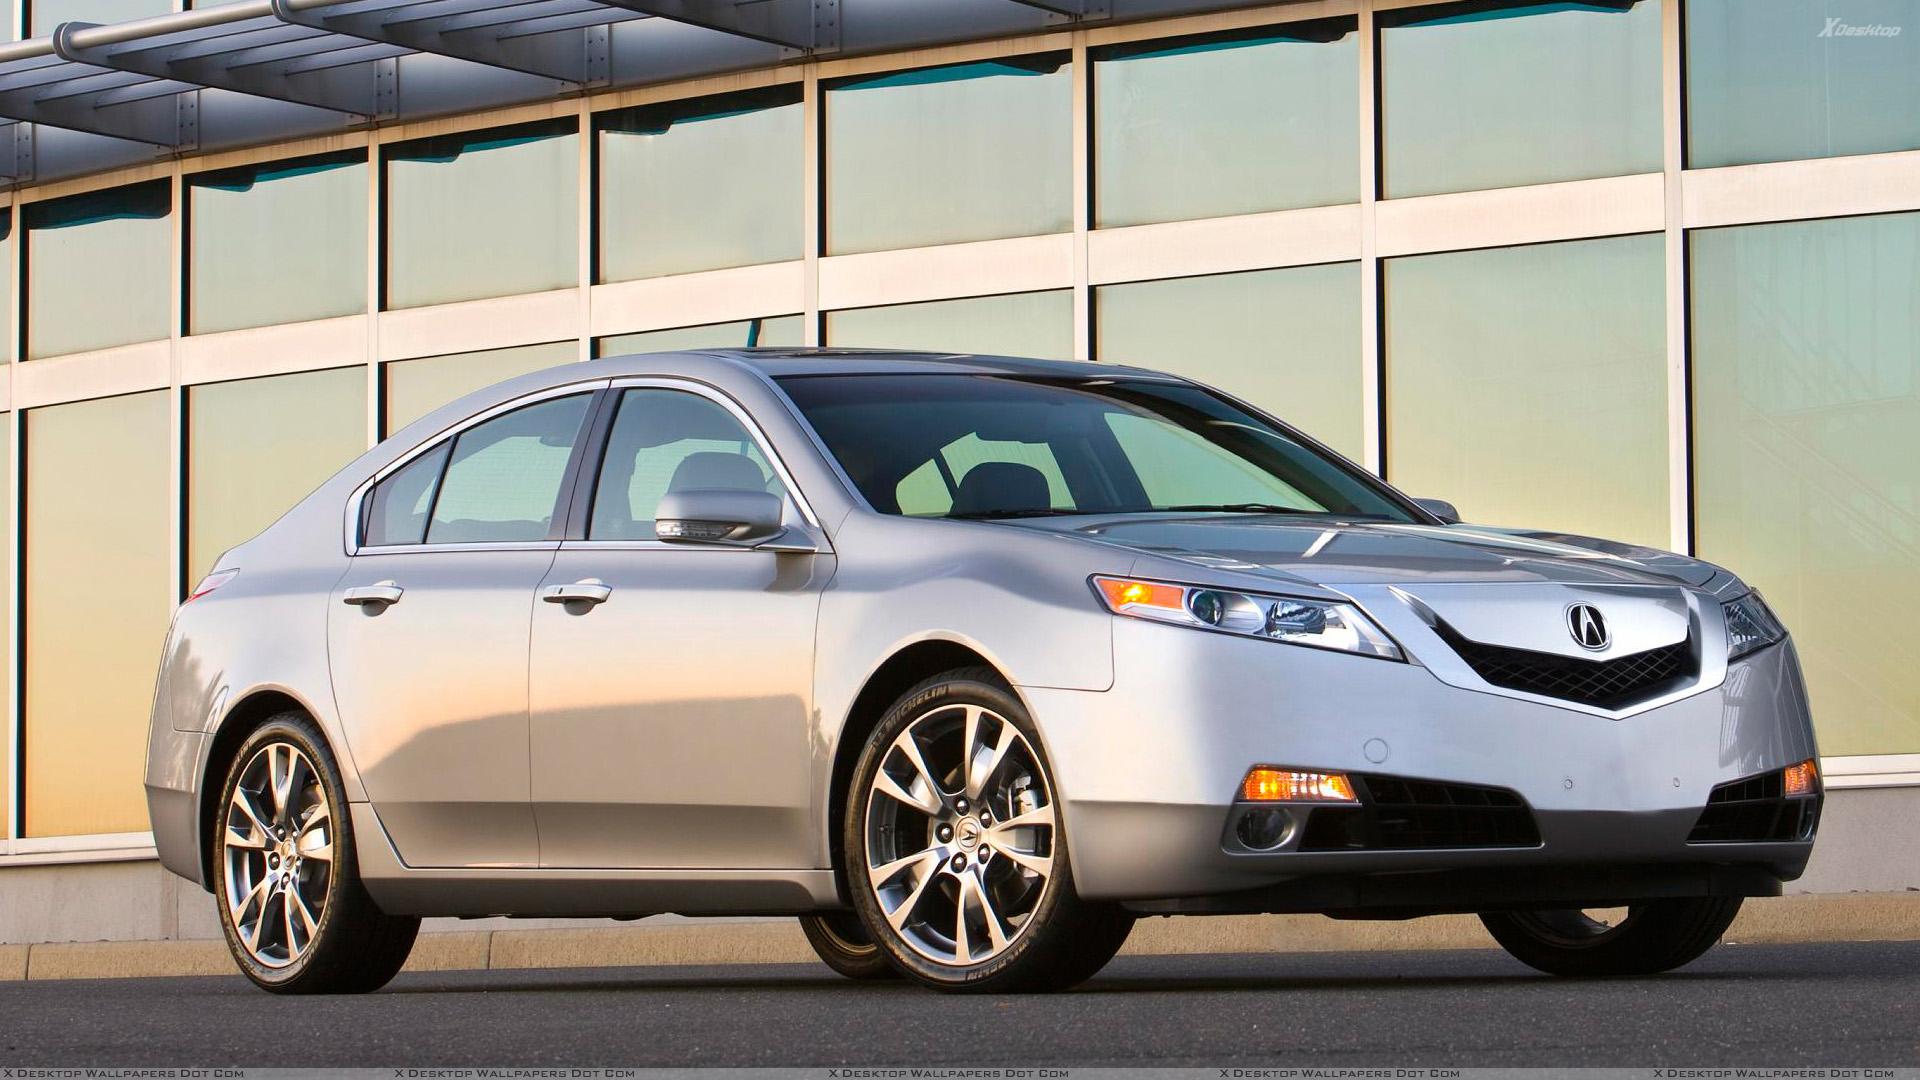 Silver 2009 Acura Tl 1920x1080 Wallpaper Teahub Io